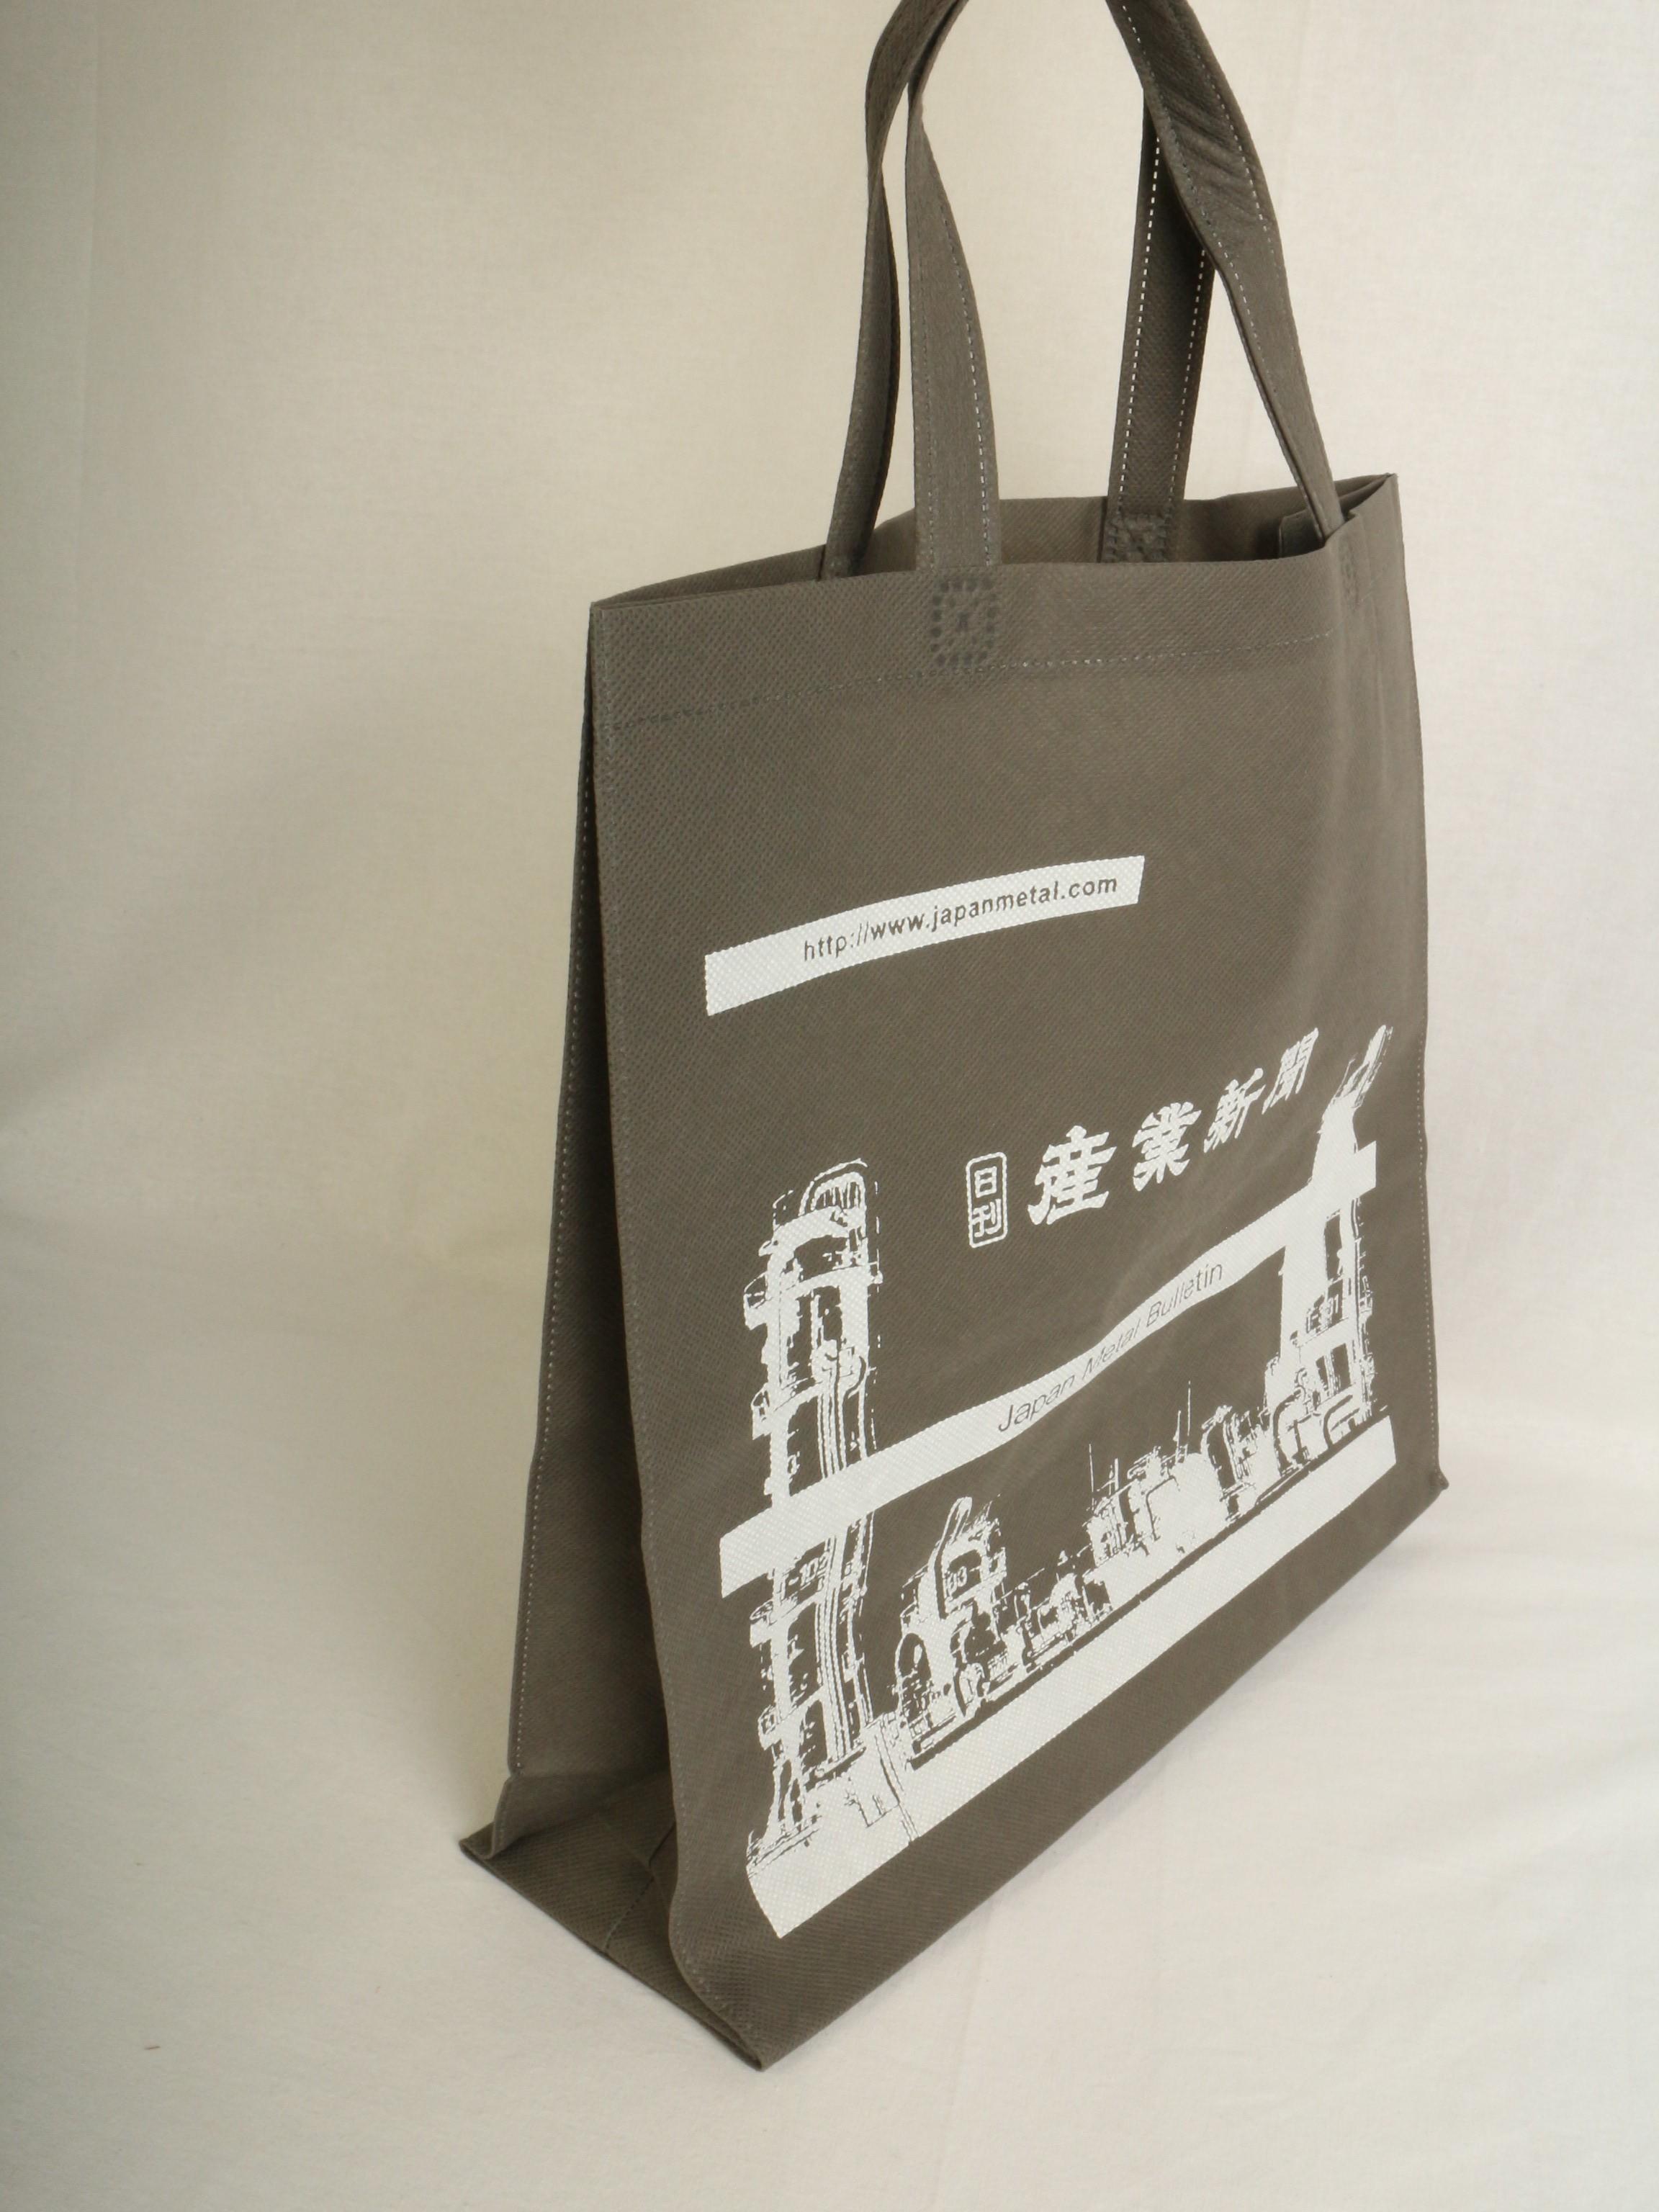 専門誌を発行されている企業様のオリジナル不織布バッグ